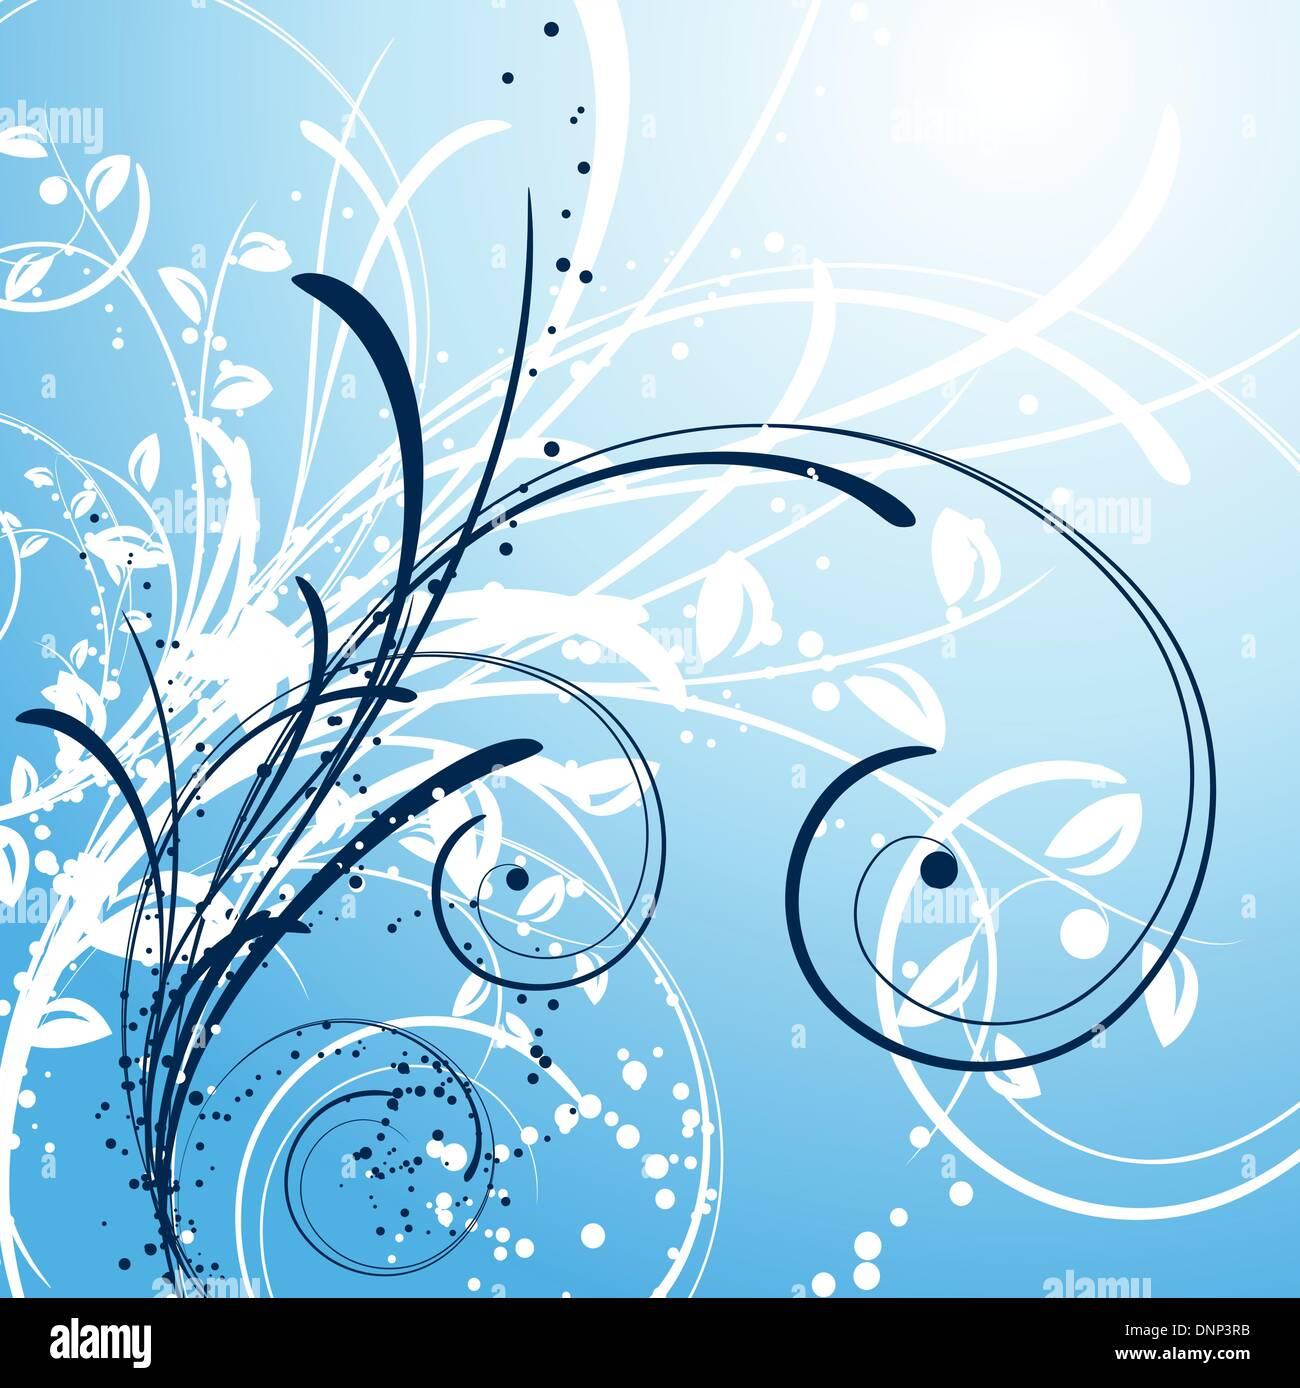 Fondo de invierno decorativos Imagen De Stock